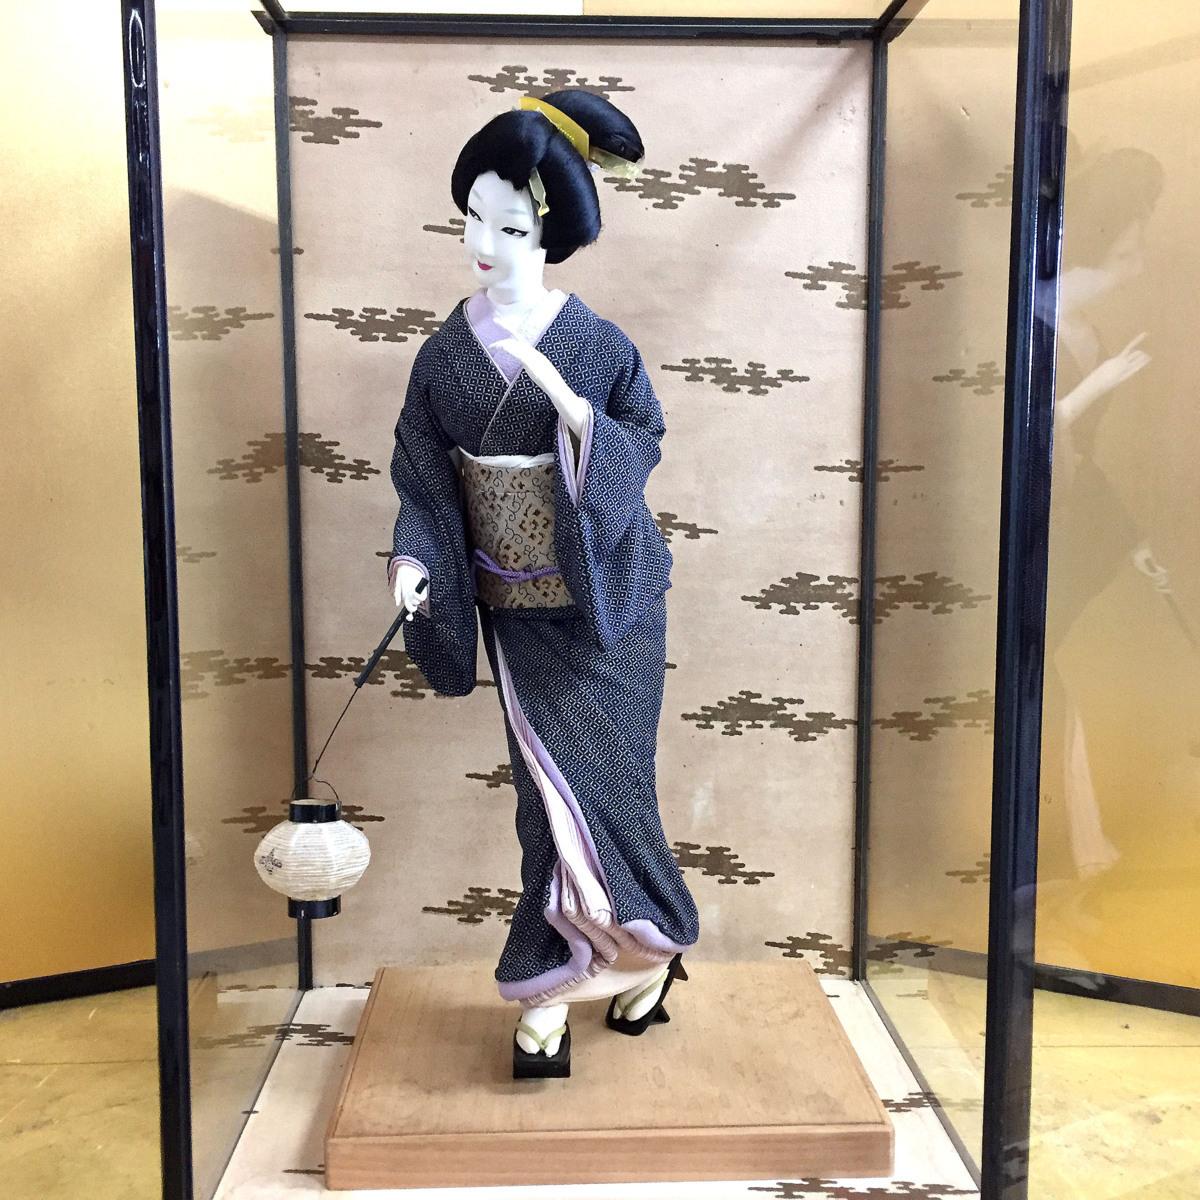 2393 日本人形 芸者 芸妓 博多人形? 布製 提灯を持つ女性 置物 オブジェ ガラスケース入り 高さ約71.5cm リサイクル アンティーク 紀の国